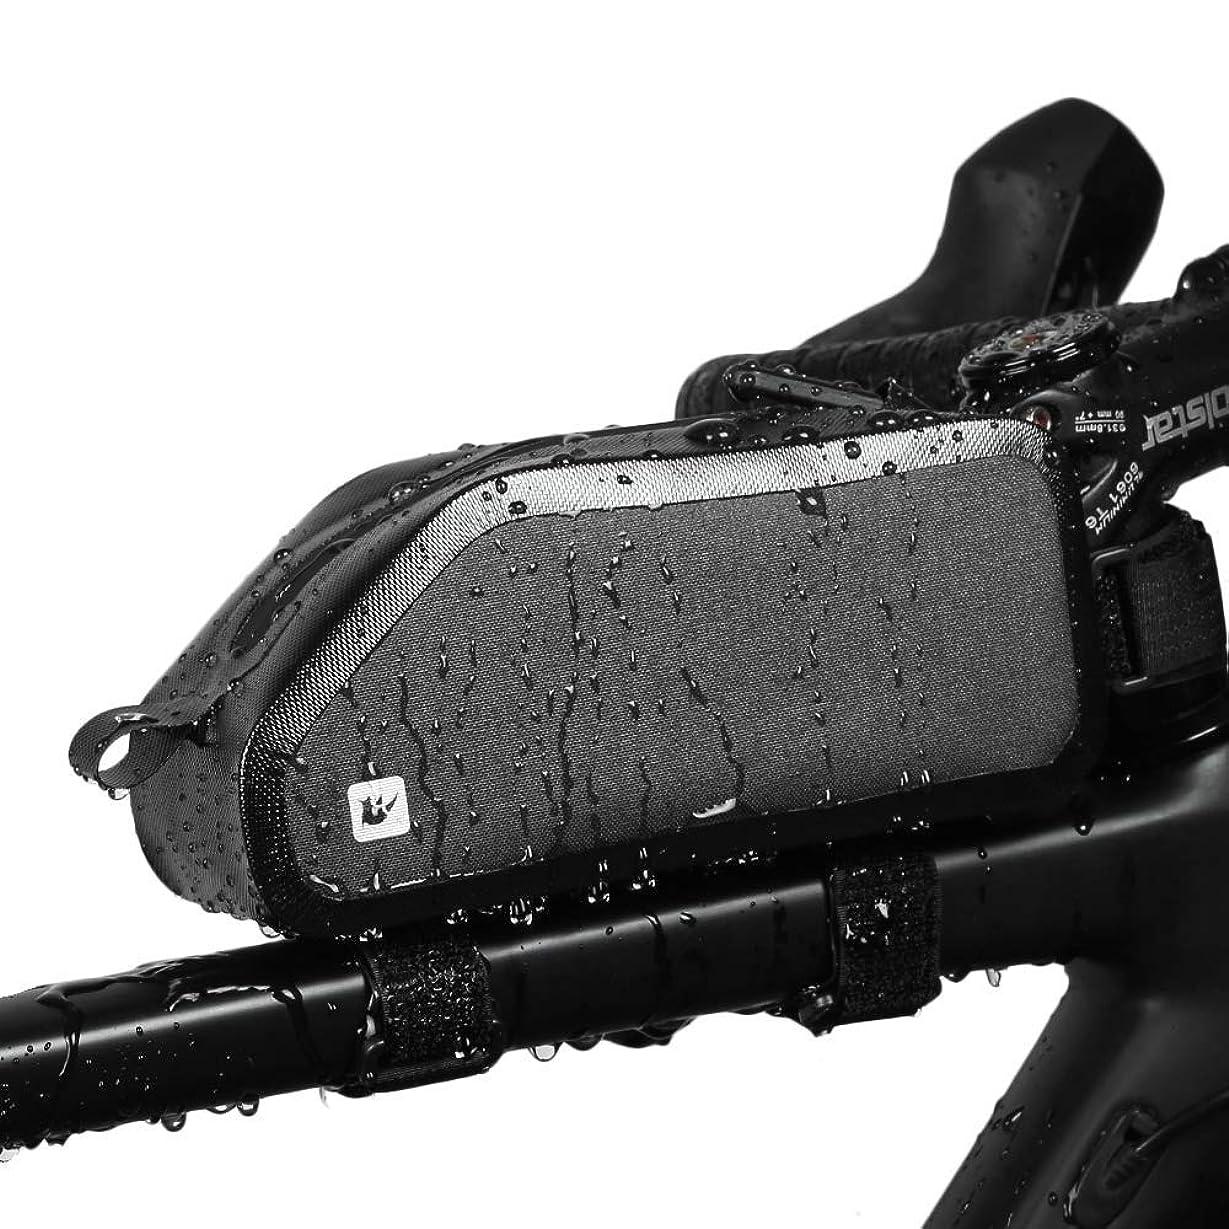 誕生受粉する後方にRhinowalk 自転車 トップチューブバッグ フレームバッグ サドルバッグ フロントバッグ サイドバッグ かんたん装着 防水 サイクリング用 カーボン